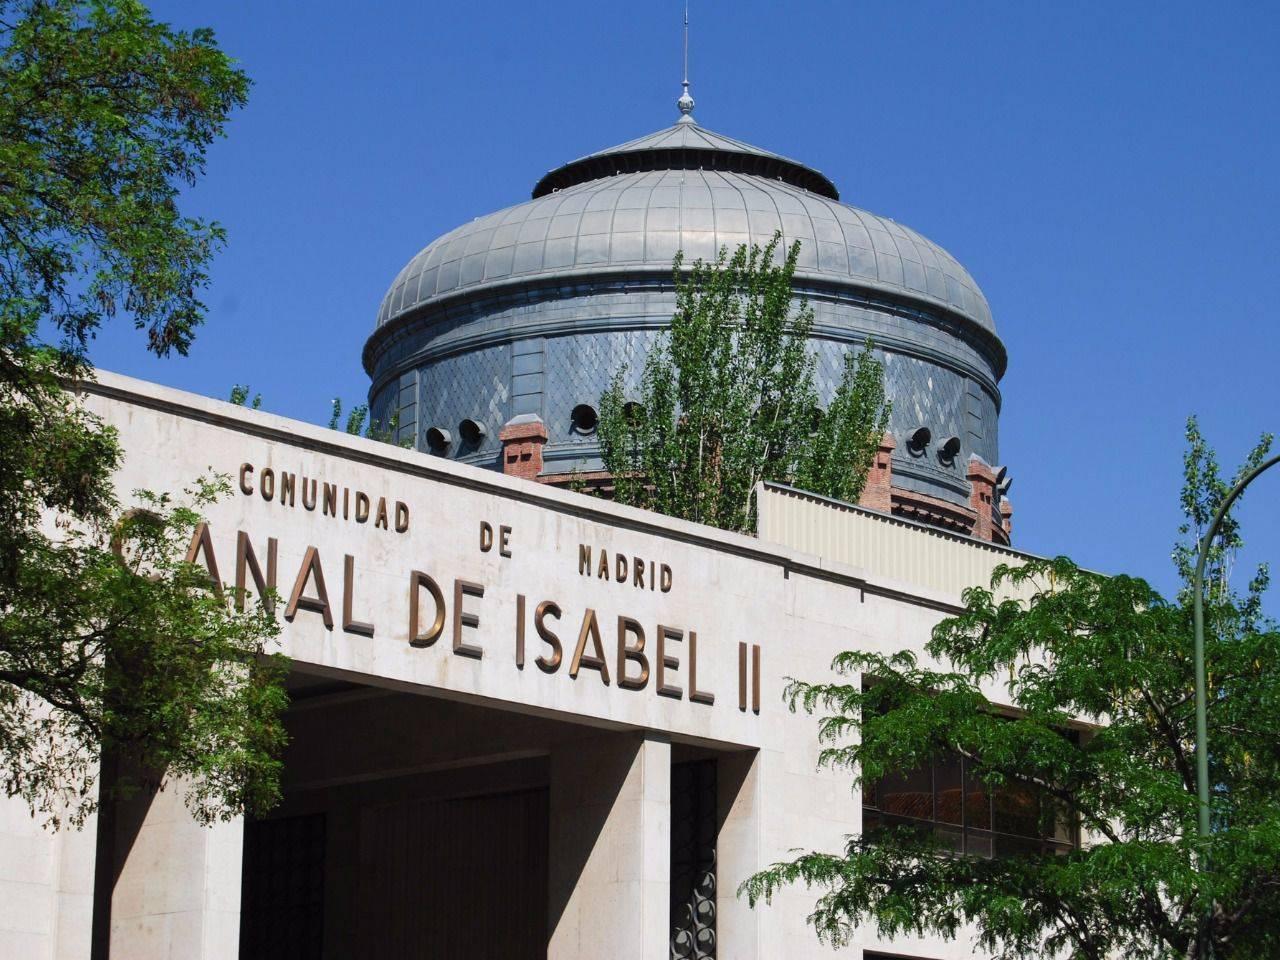 CANAL DE ISABEL